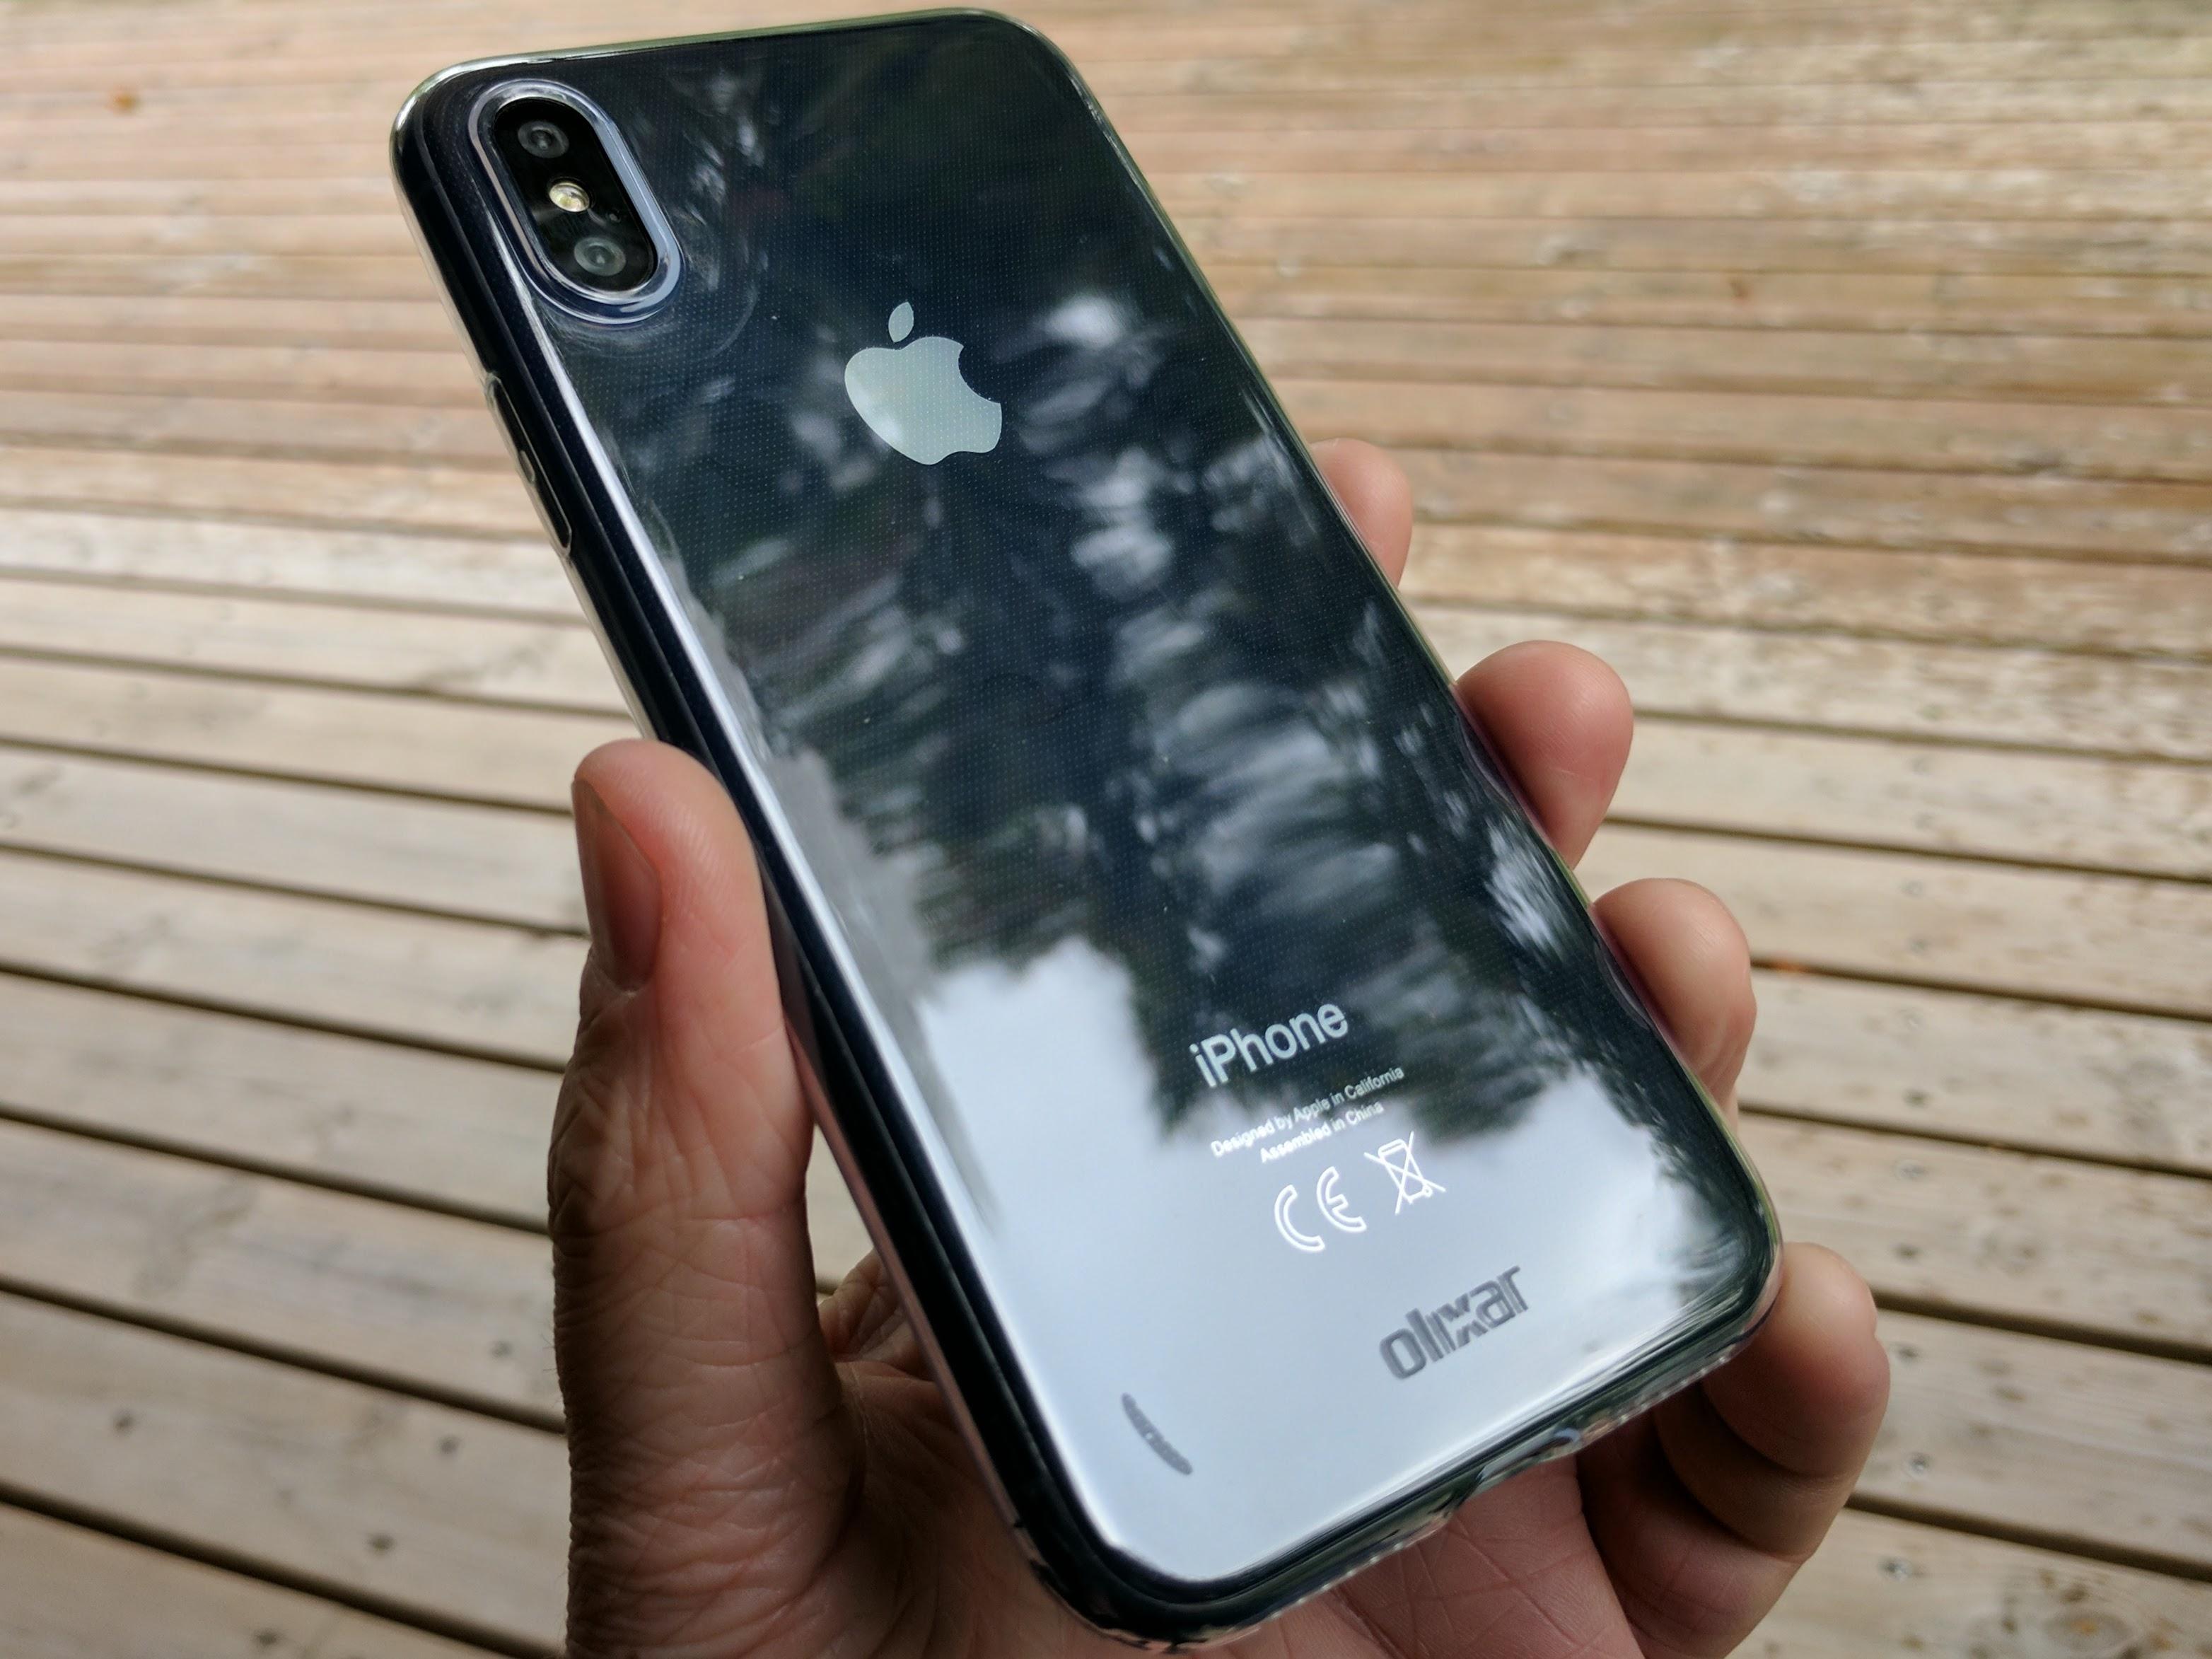 قسمت پشتی iPhone 8 در ویدیویی از فاکسکان لو رفت